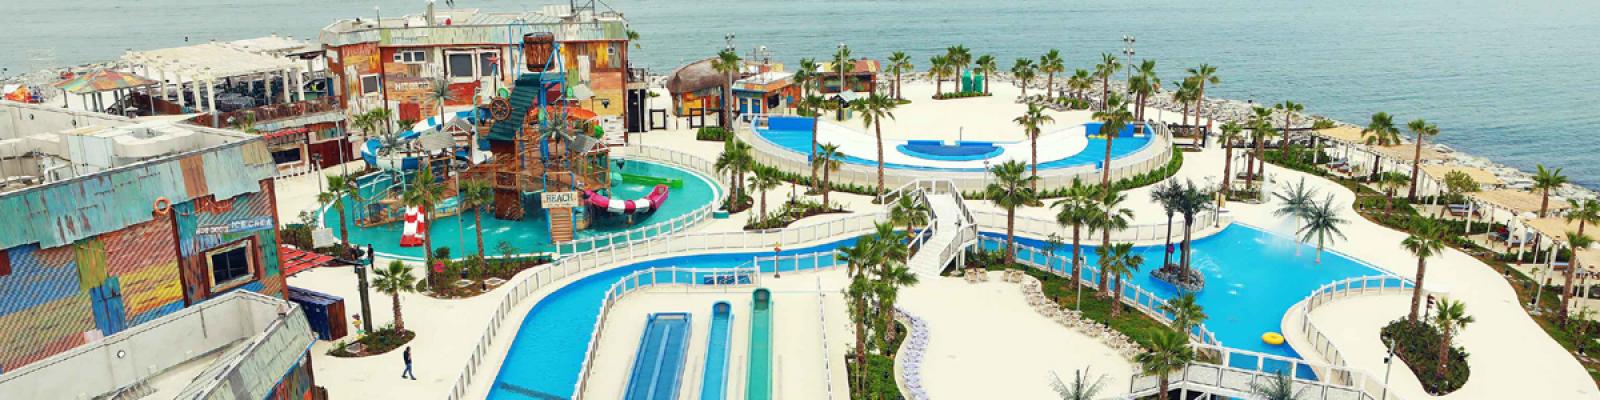 laguna waterpark la mer dubai, laguna waterpark dubai price, dubai theme parks